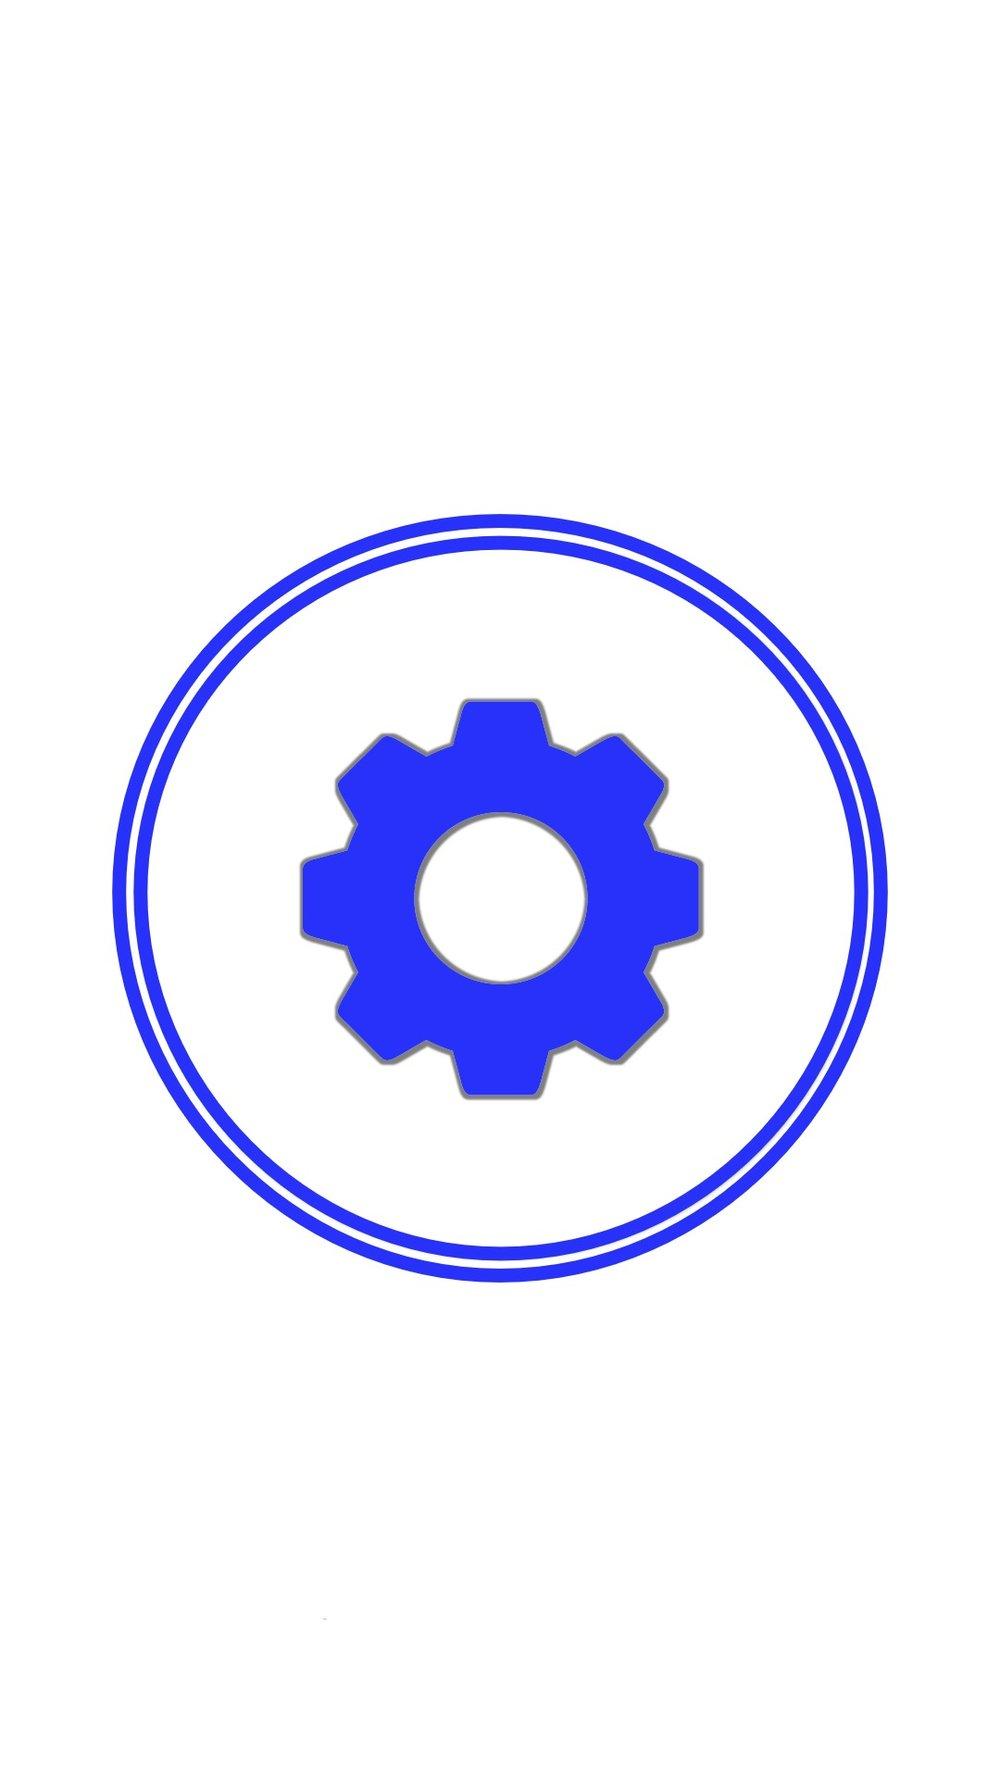 Instagram-cover-tool-bluewhite.jpg